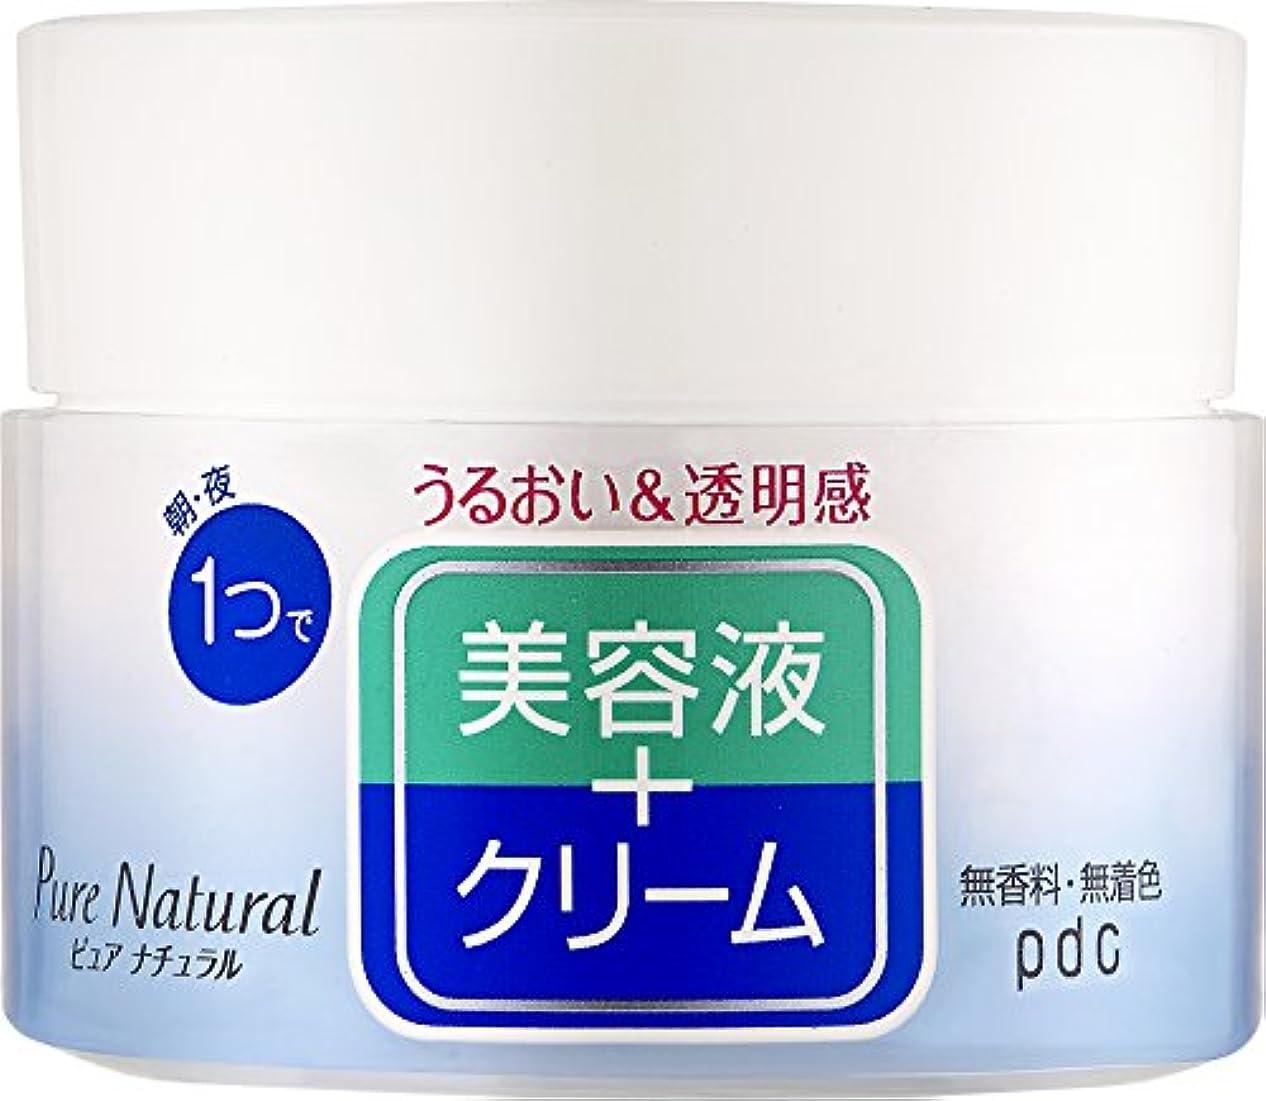 ビタミンタフ口径ピュアナチュラル クリームエッセンス モイスト 100g